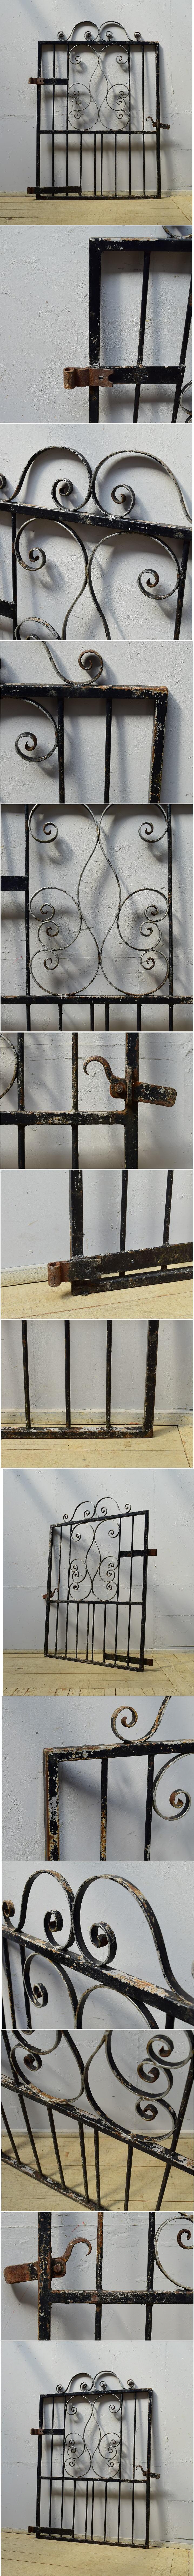 イギリスアンティーク アイアンフェンス ゲート柵 ガーデニング 6520